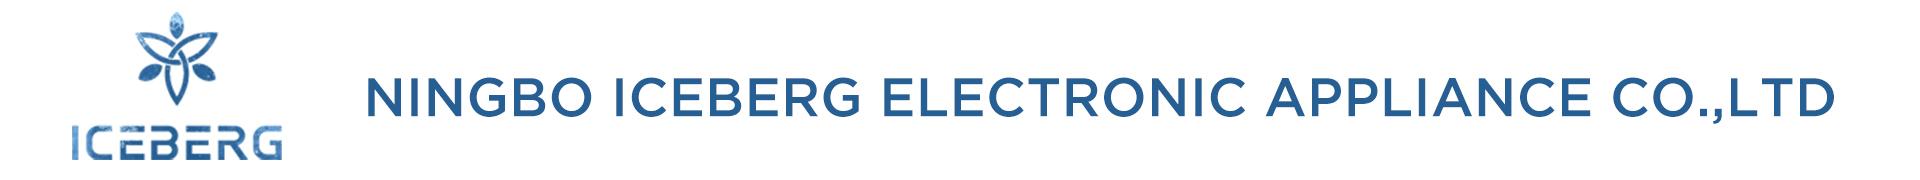 Ningbo Iceberg Electronic Appliance Co., Ltd.